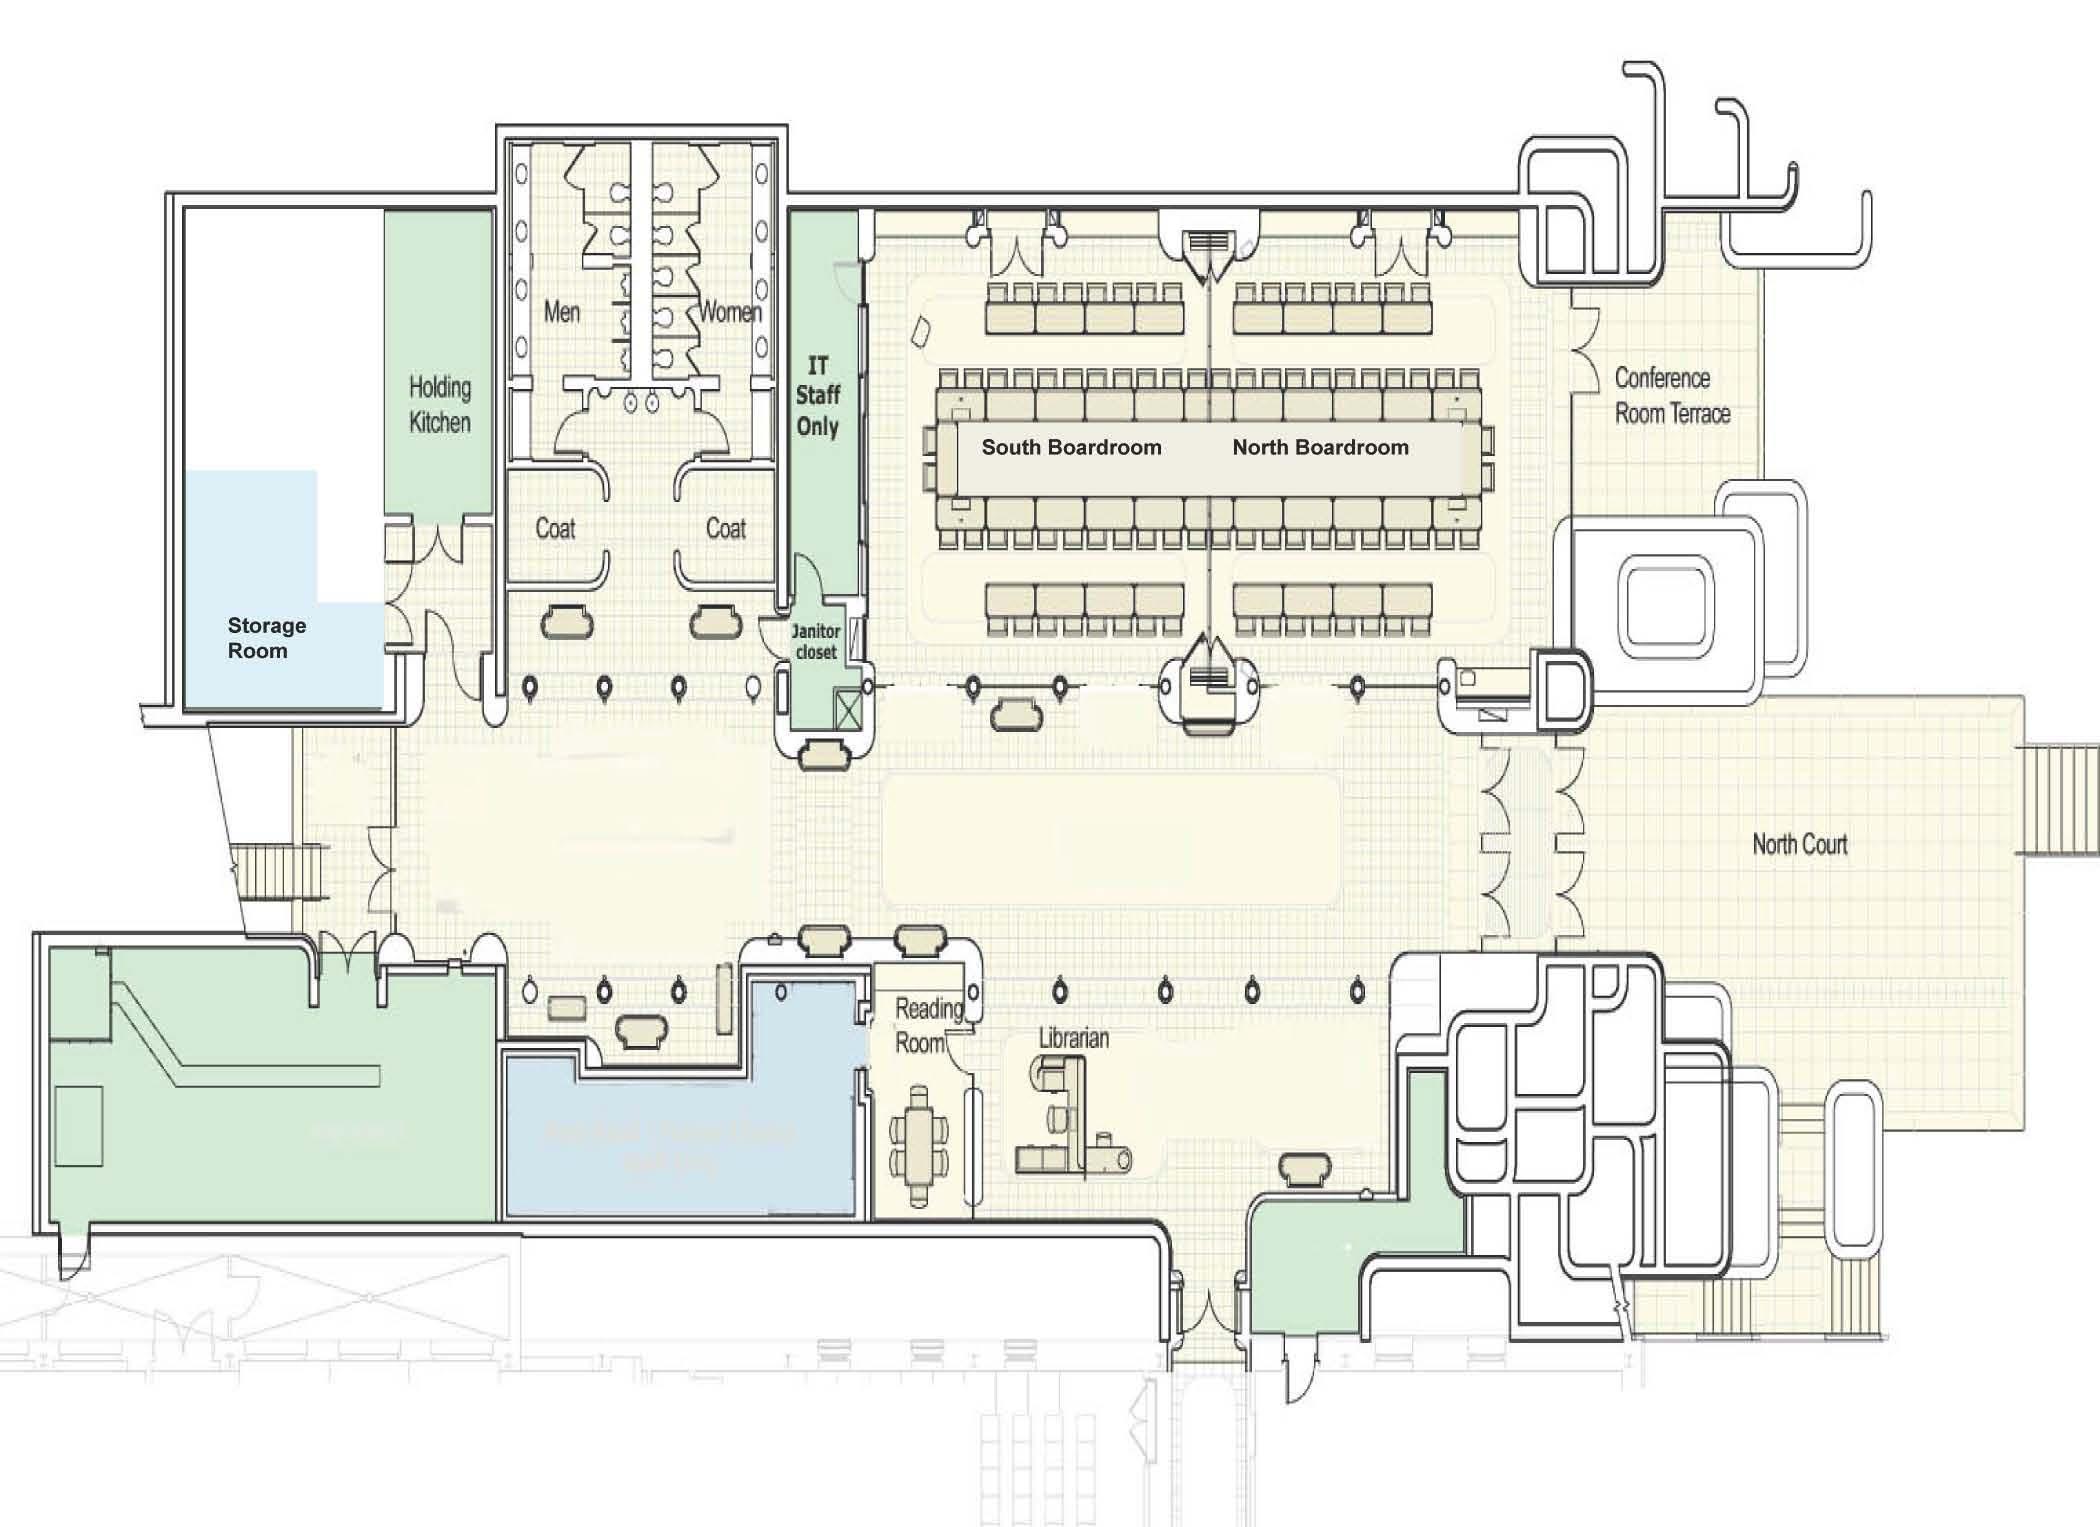 Floorplan posner center carnegie mellon university for Cmu floor plans